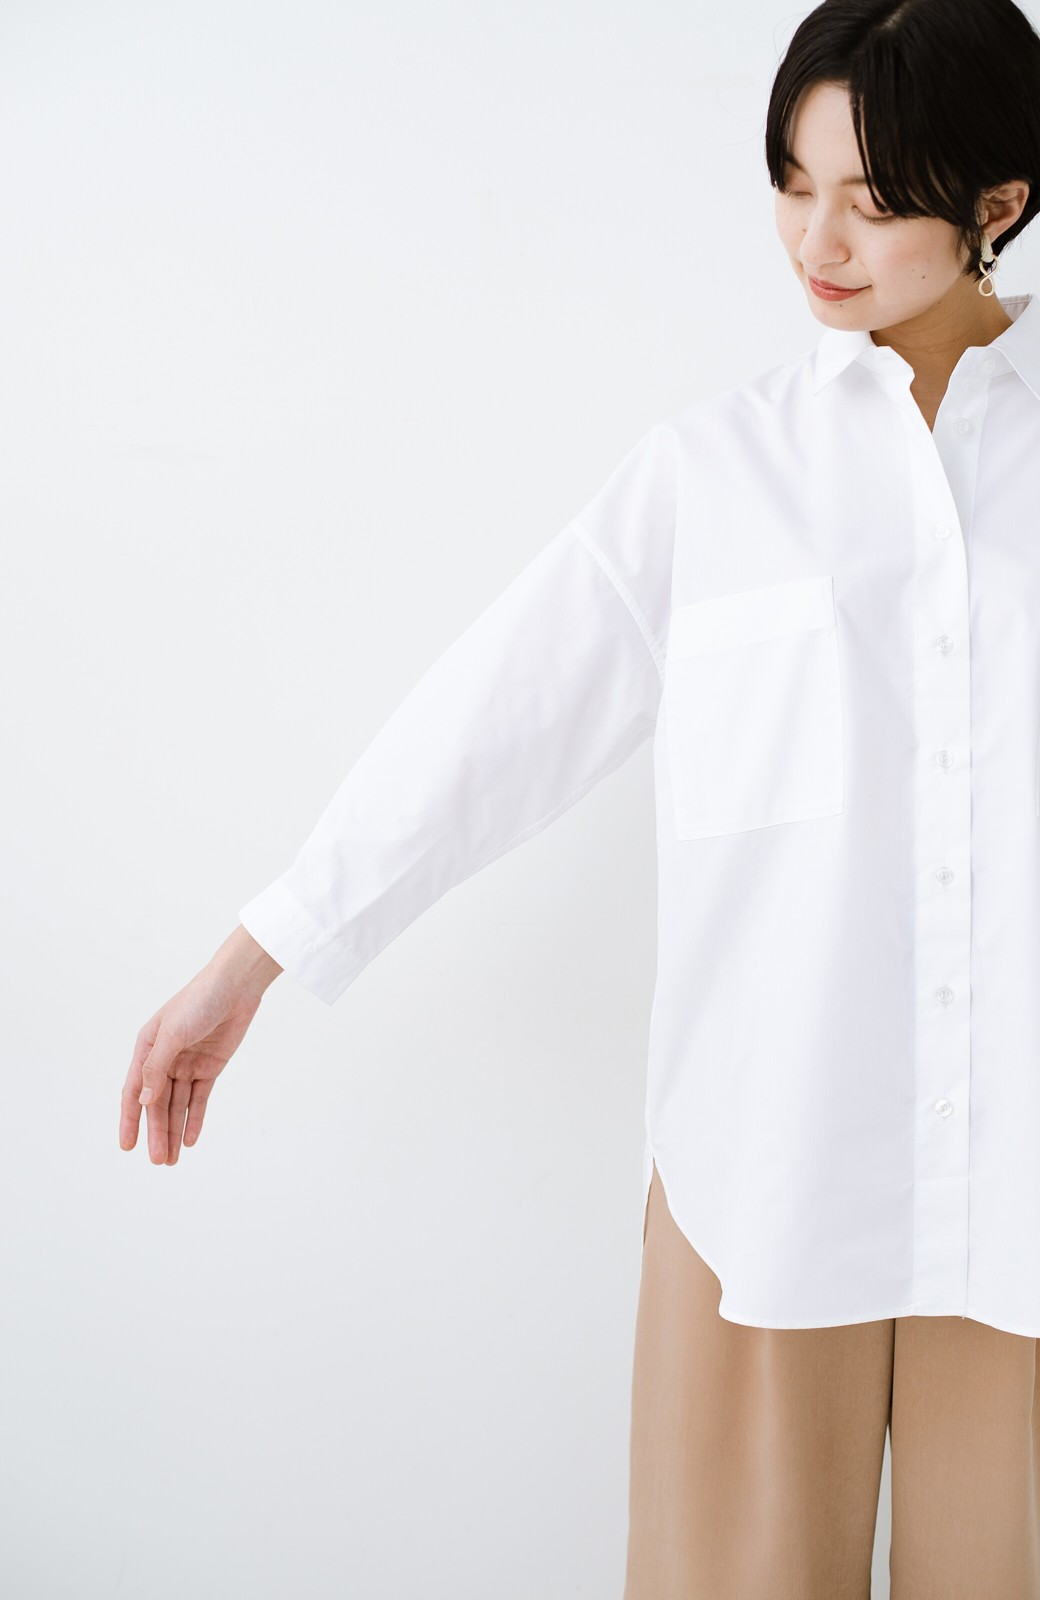 haco! サイズ感がオシャレに見せてくれる 真面目すぎないビッグシャツ <ホワイト>の商品写真11